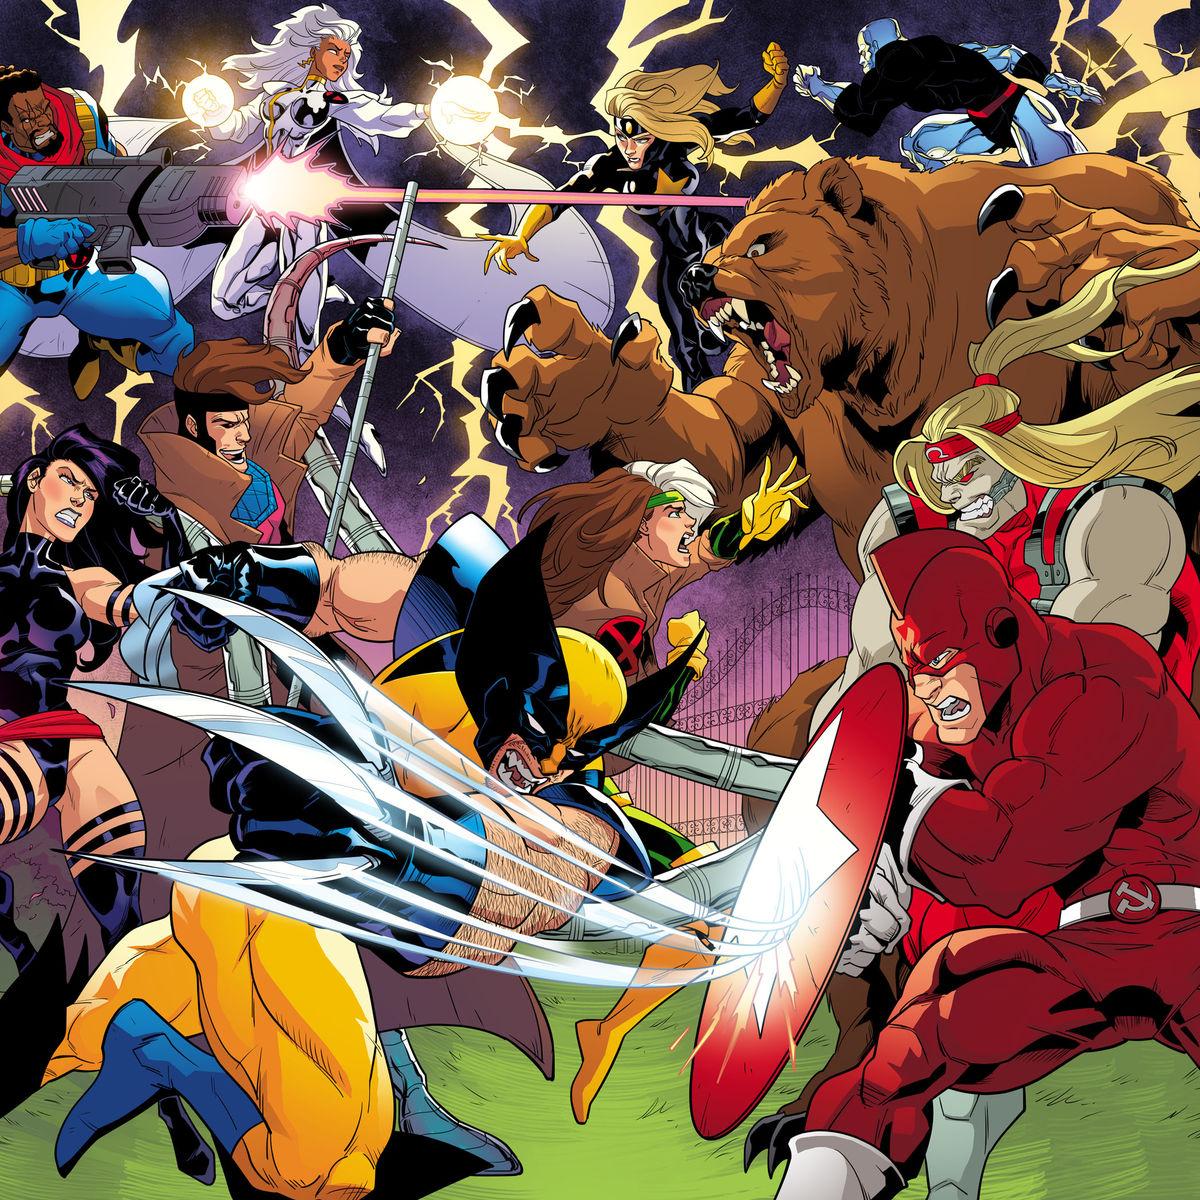 X-Men_92_1_Preview_1_0.jpg